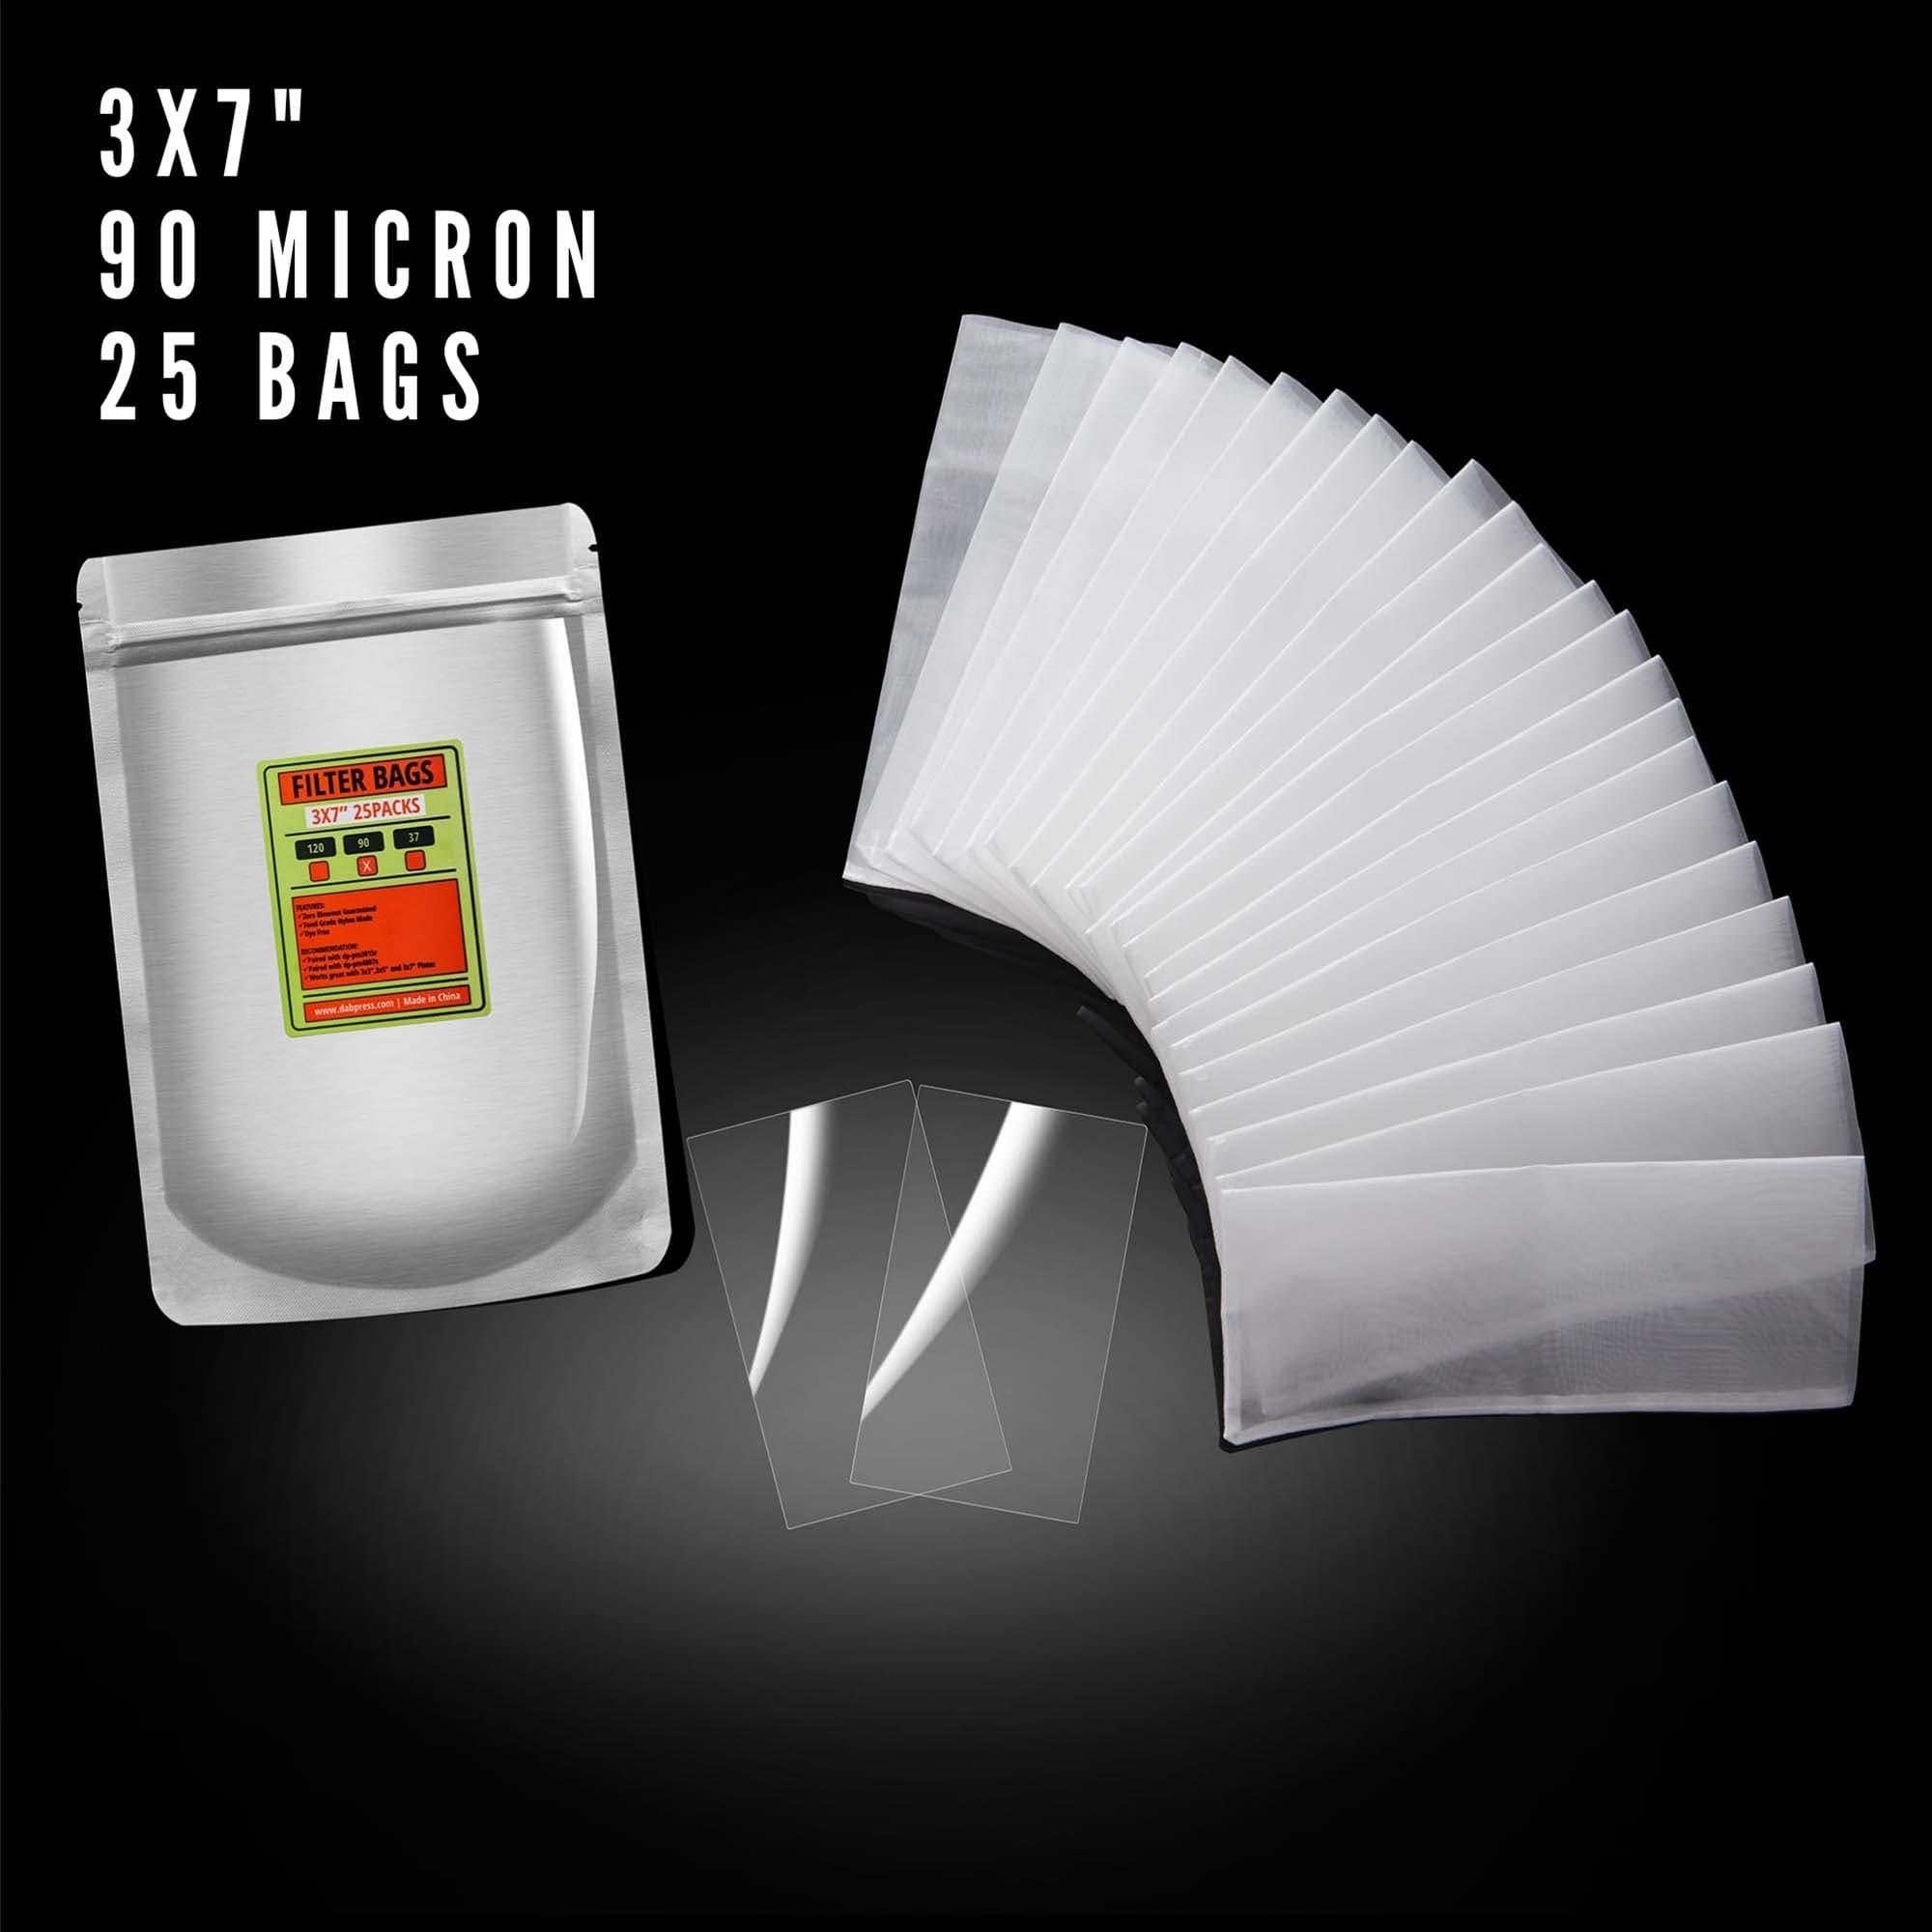 90 Micron | 3x7 Rosin Press Bags